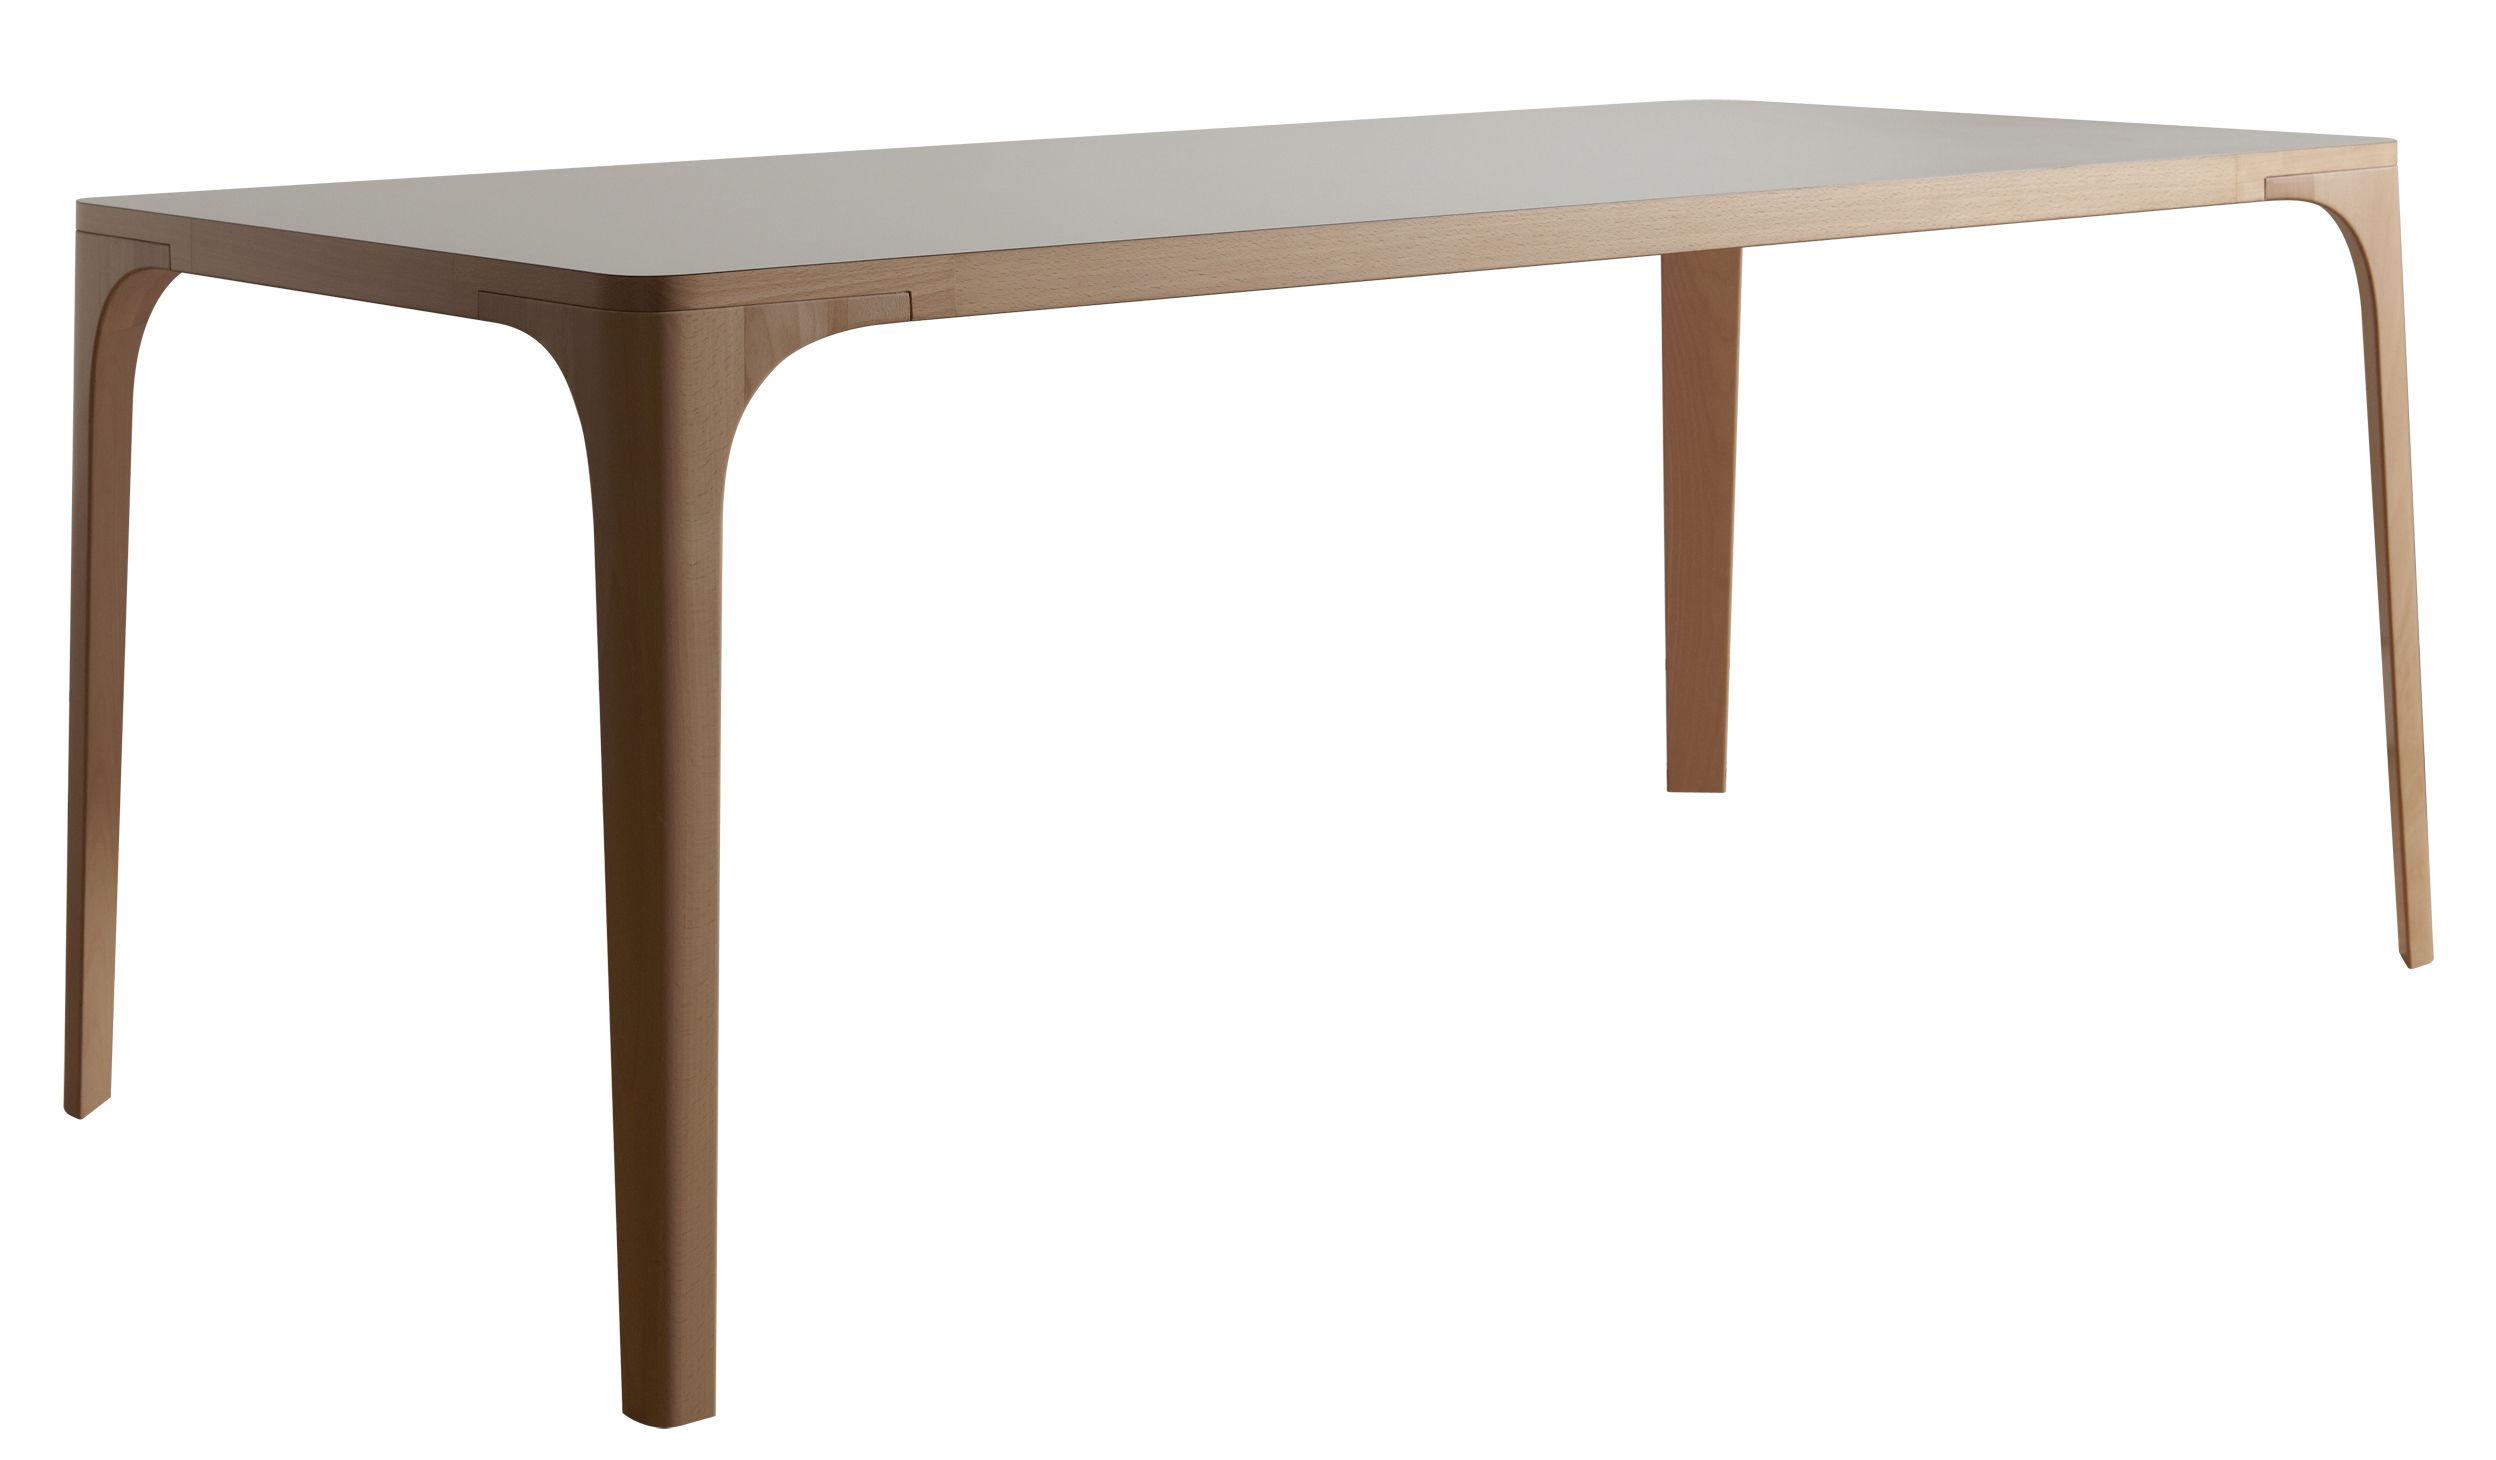 Mobilier - Tables - Table rectangulaire Arba / Bois - L 180 cm - Internoitaliano - Blanc / Pieds hêtre - Hêtre massif, Stratifié